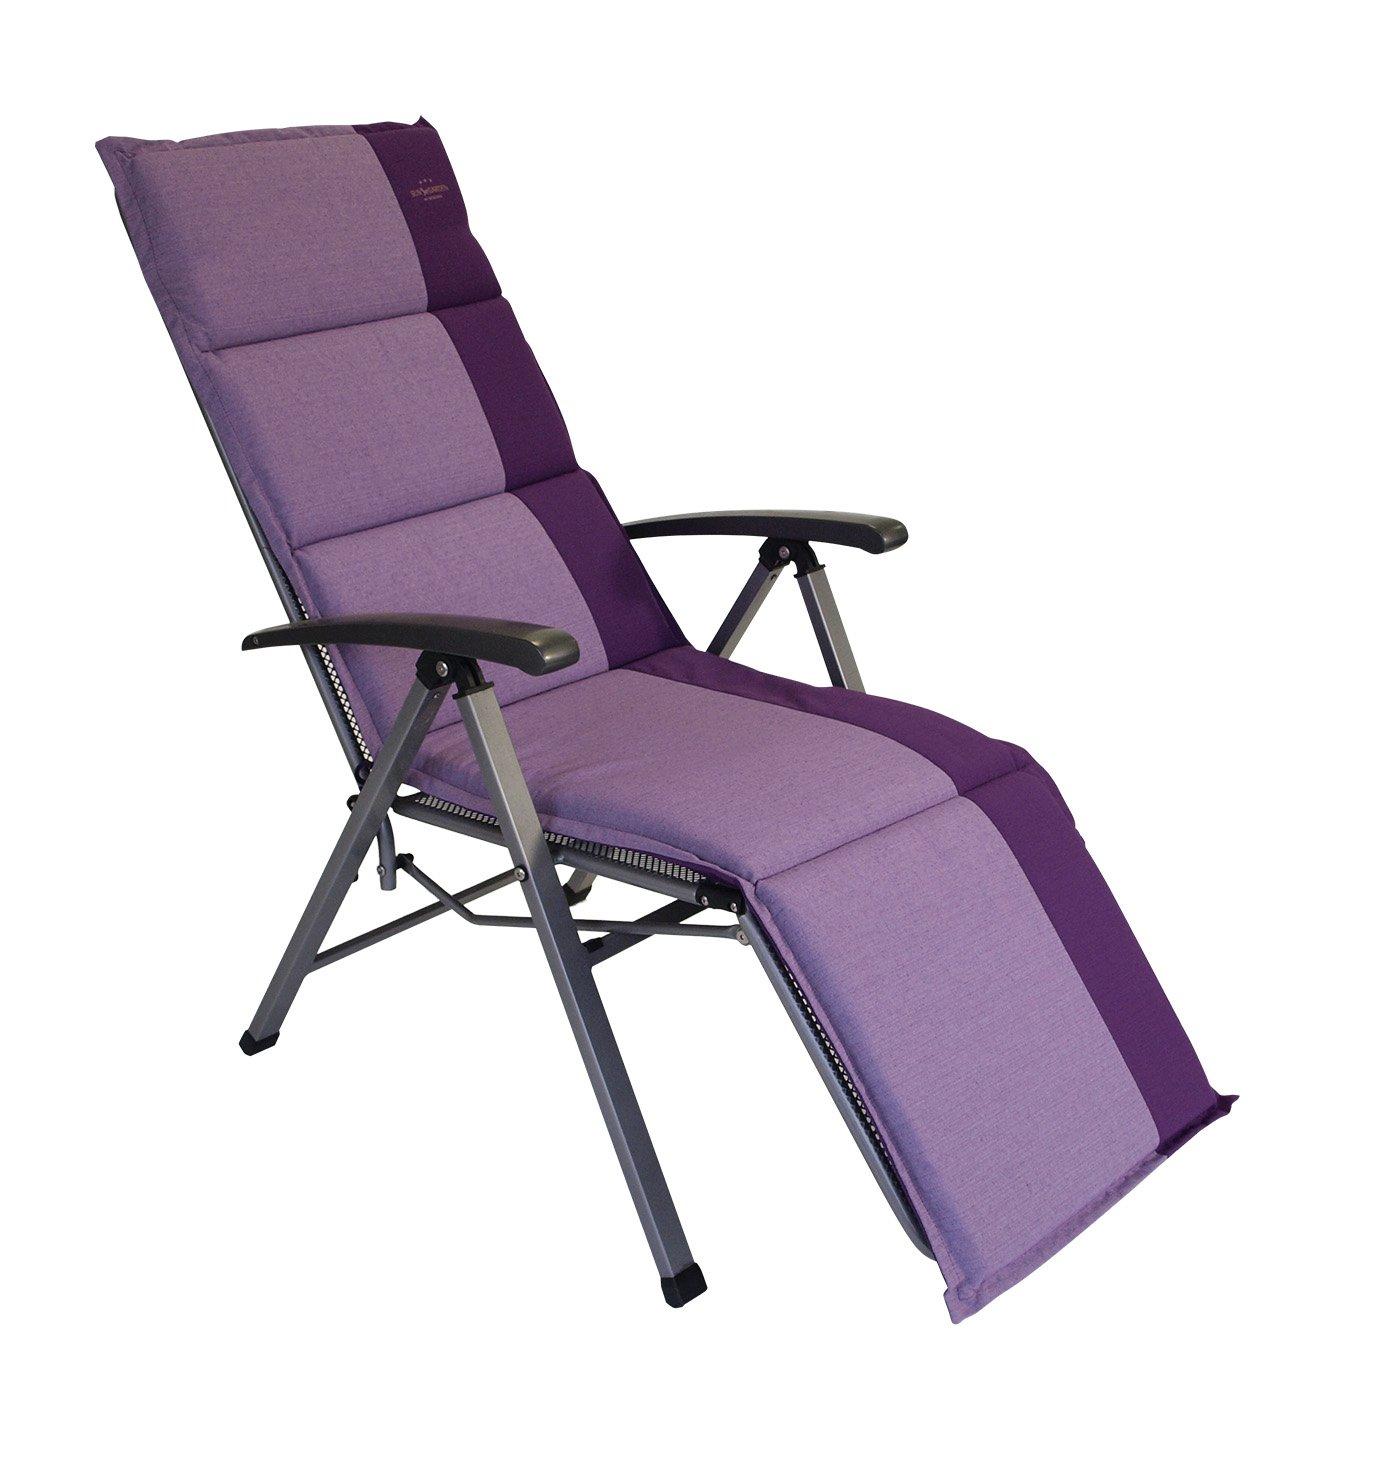 Wende - Auflage Capri für Relaxsessel / Deckchair 168x50cm, lila